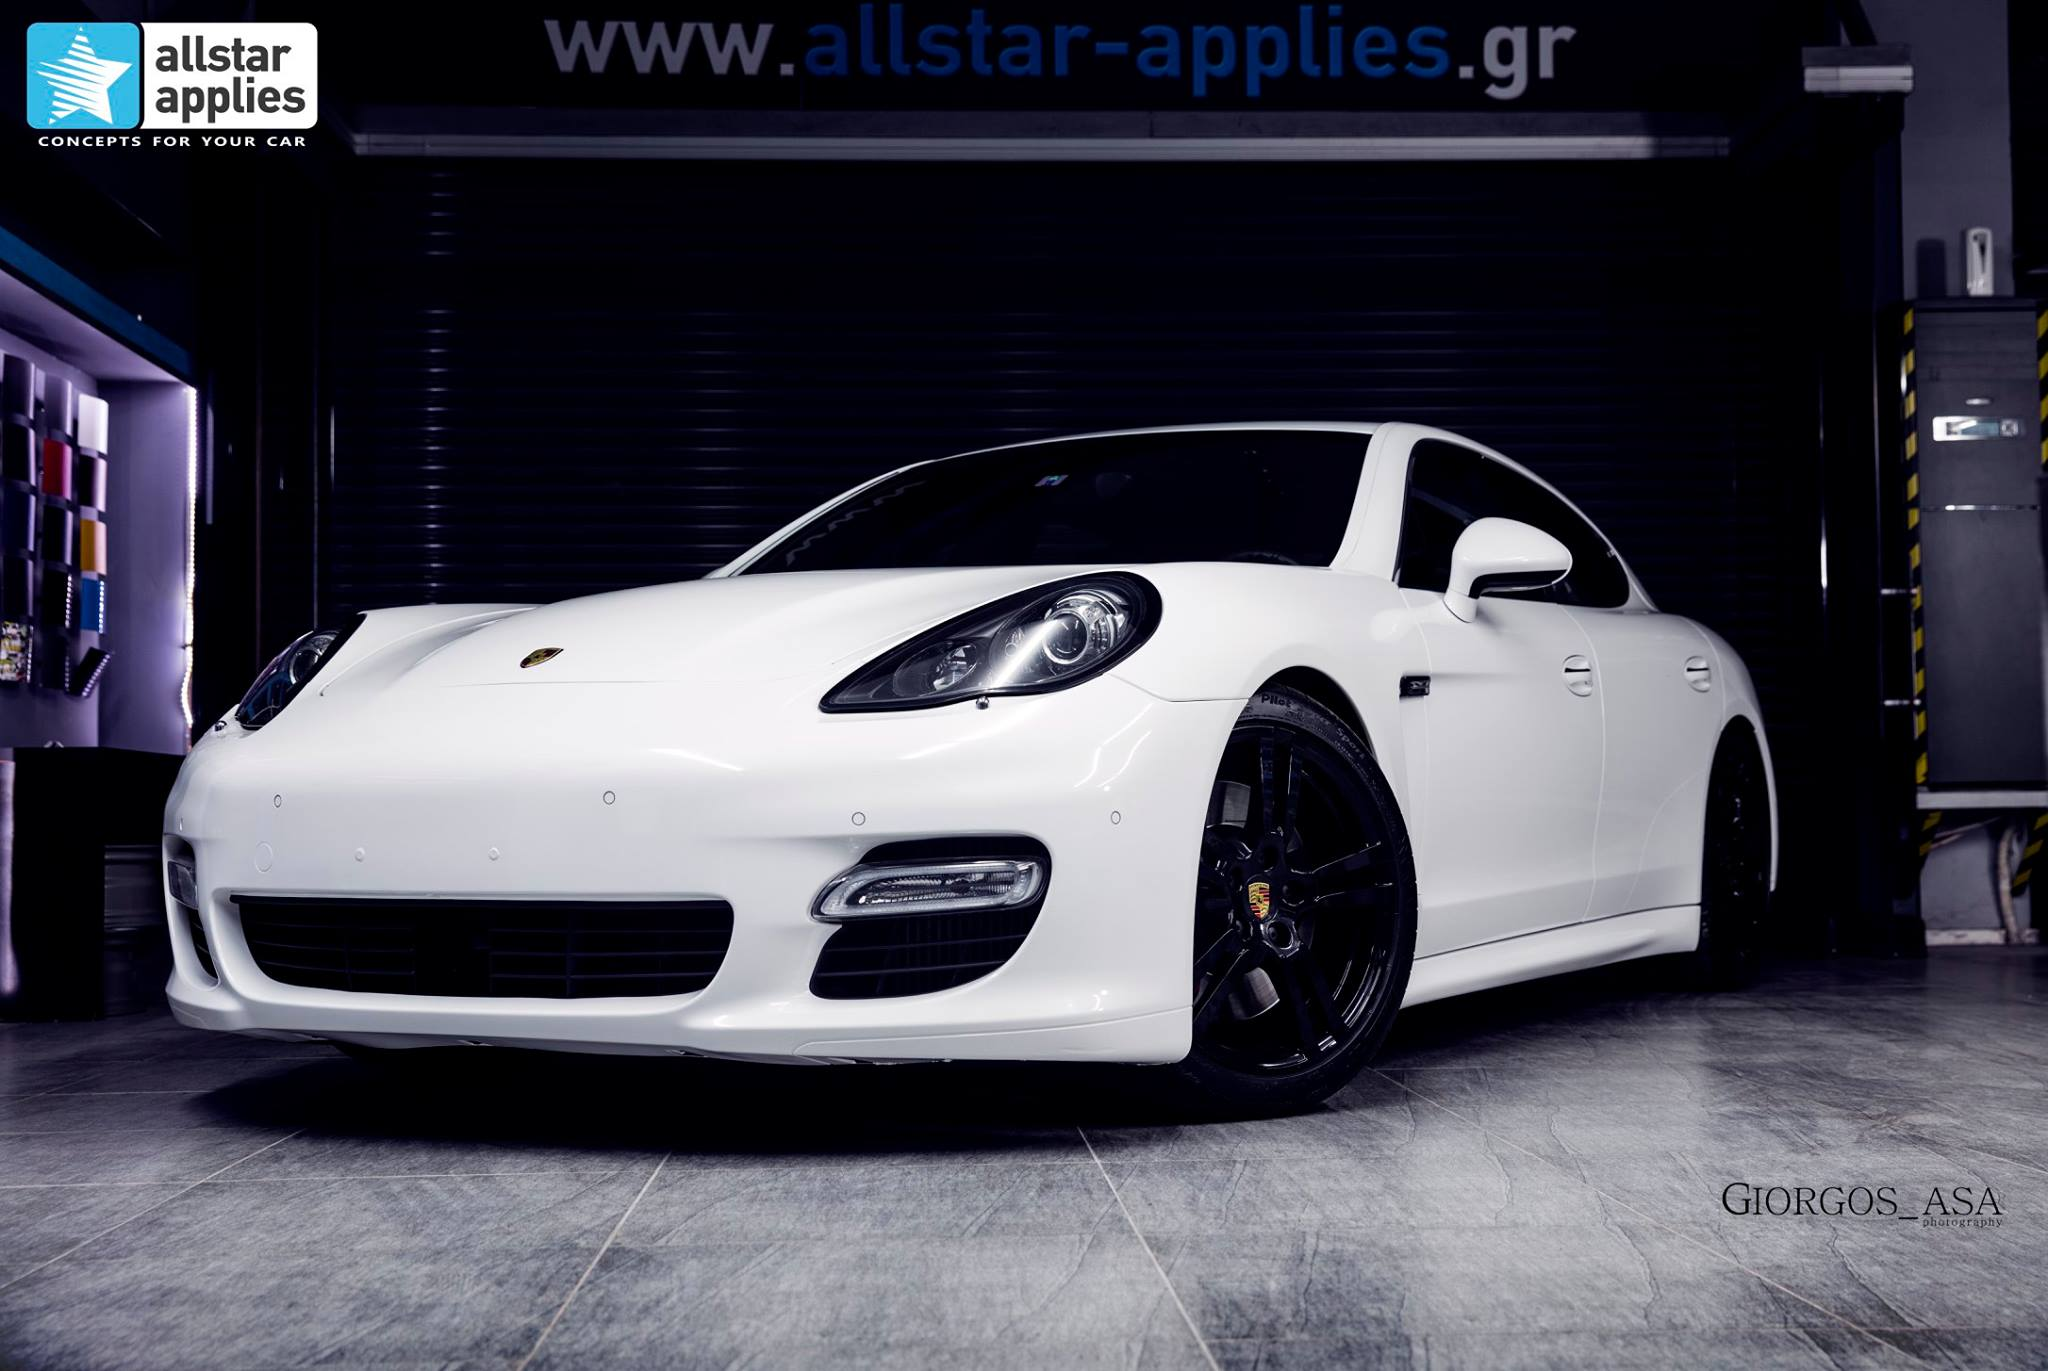 Porsche Panamera Turbo S – White Metallic (2)